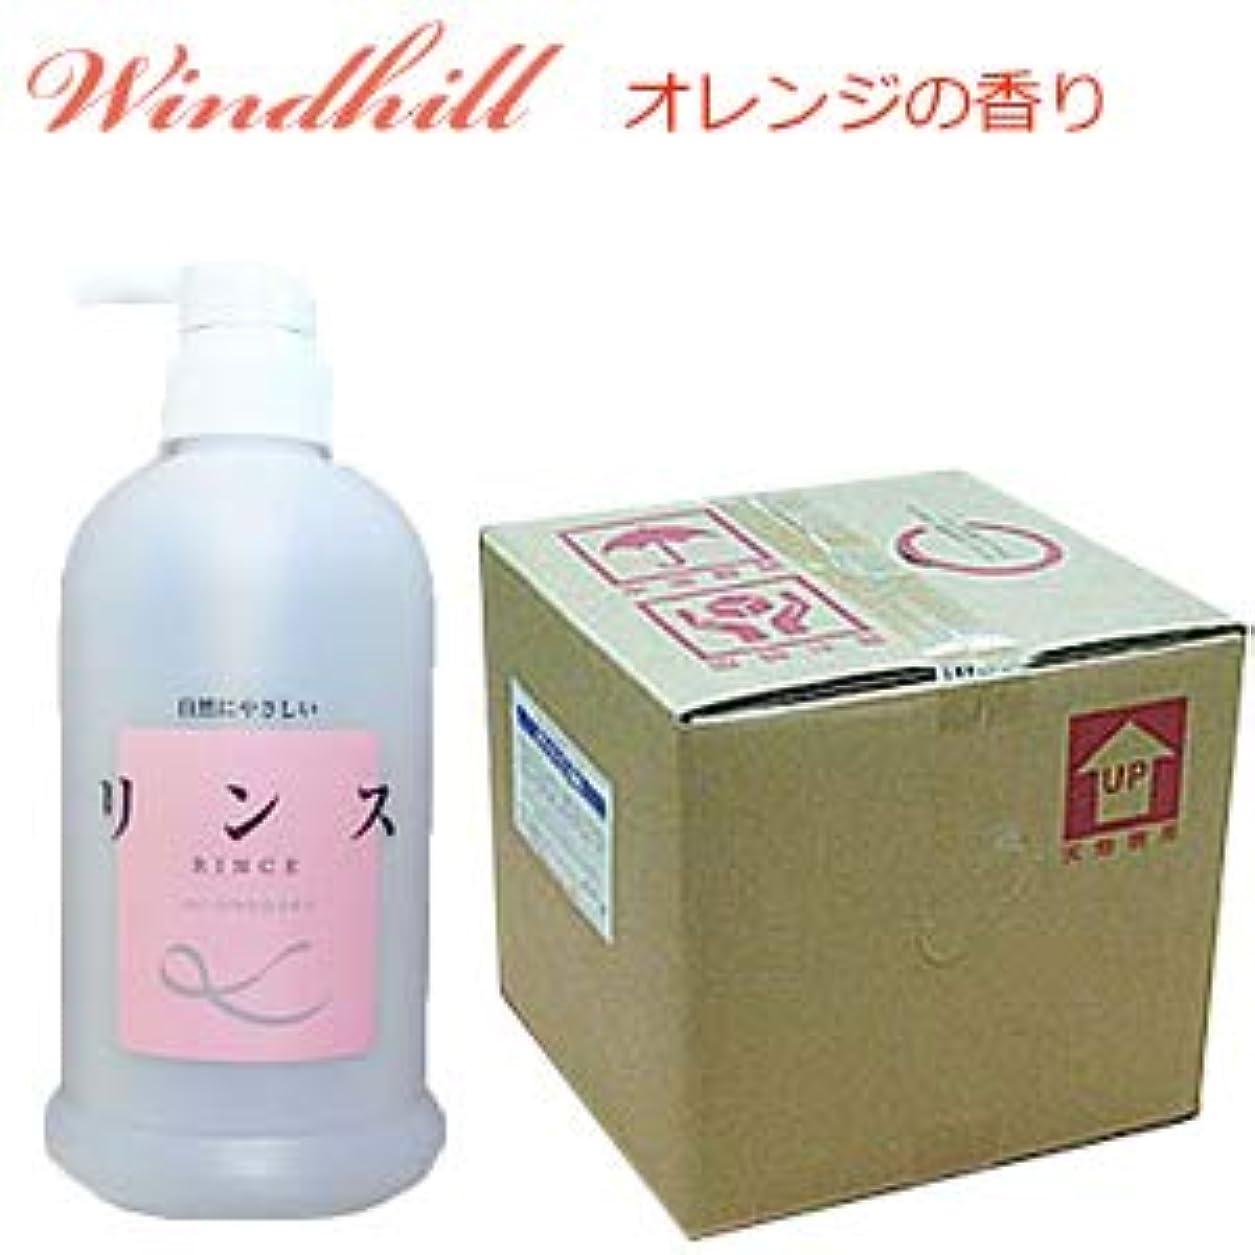 グラス食べる顕現Windhill 植物性 業務用リンスオレンジの香り 20L(1セット20L入)